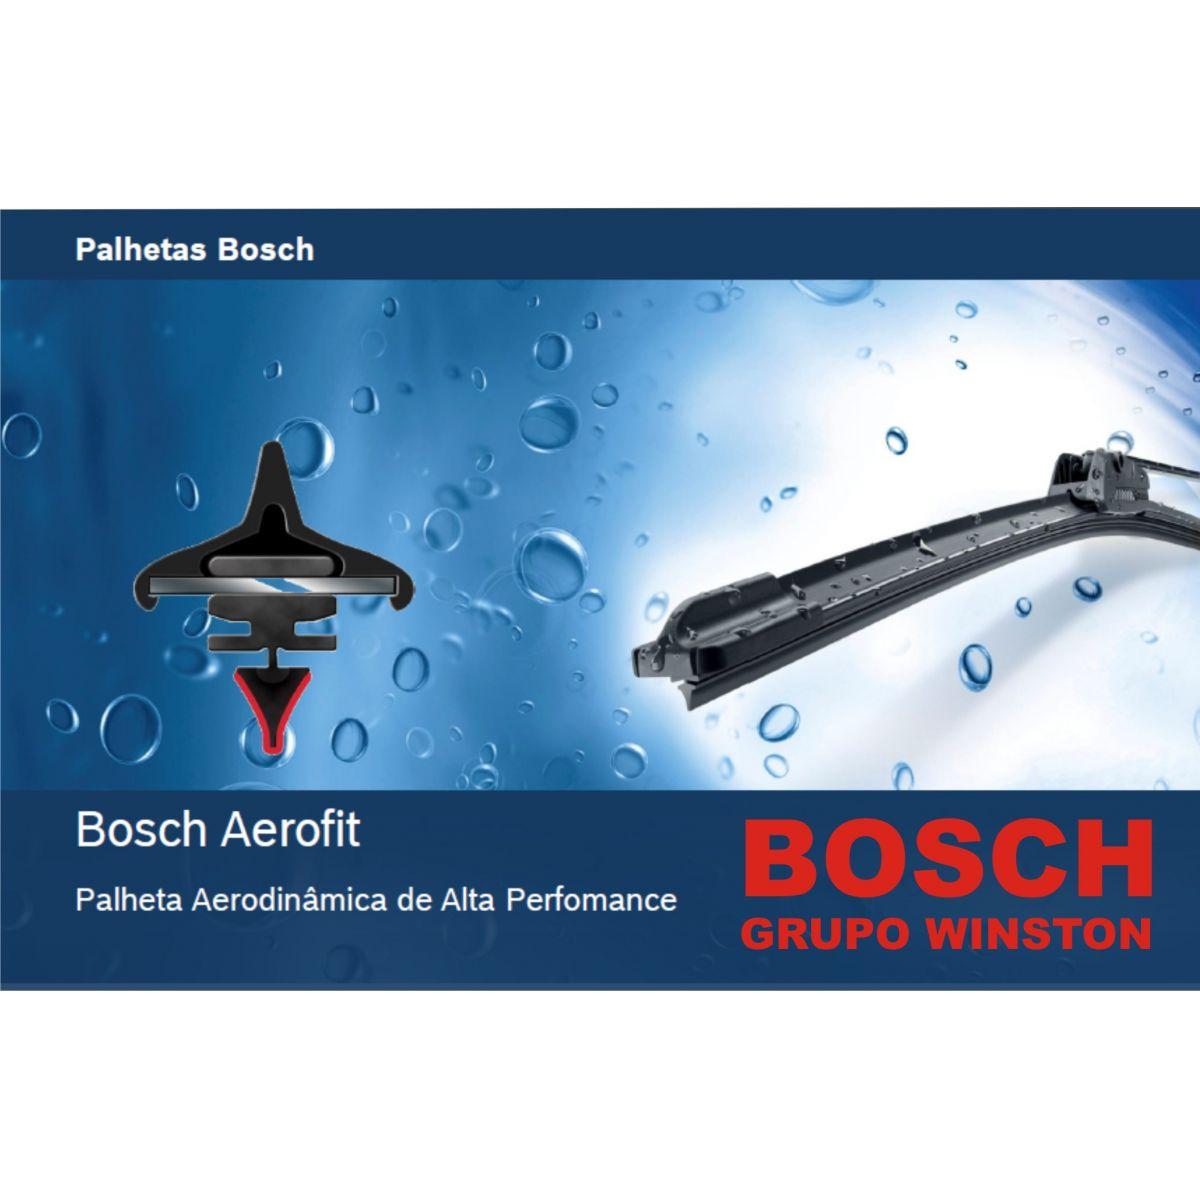 Palheta Bosch Aerofit Limpador de para brisa Bosch KIA Carens Magentis Opirus Optima Sorento Sportage